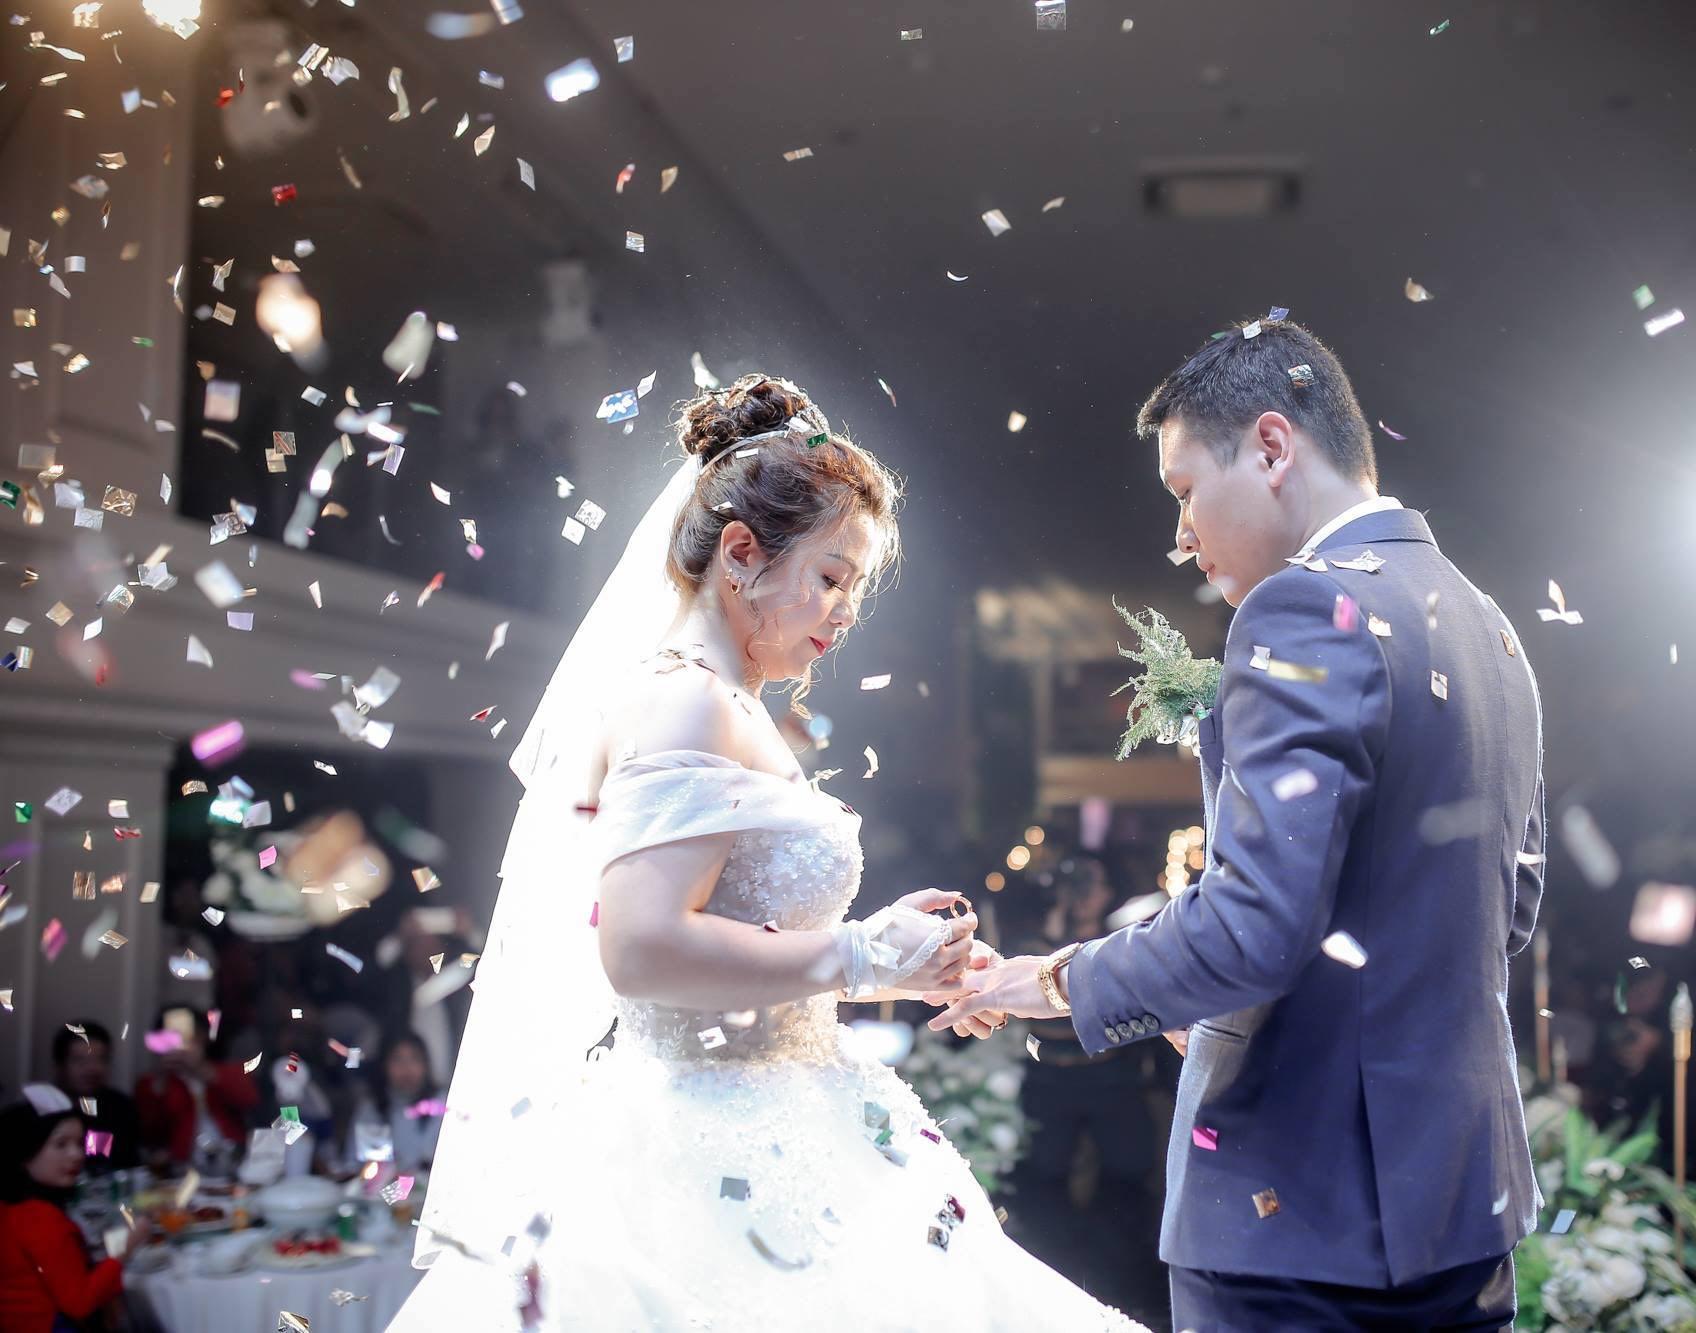 Tổ chức tiệc cưới mùa Covid - 19 lưu ý gì?